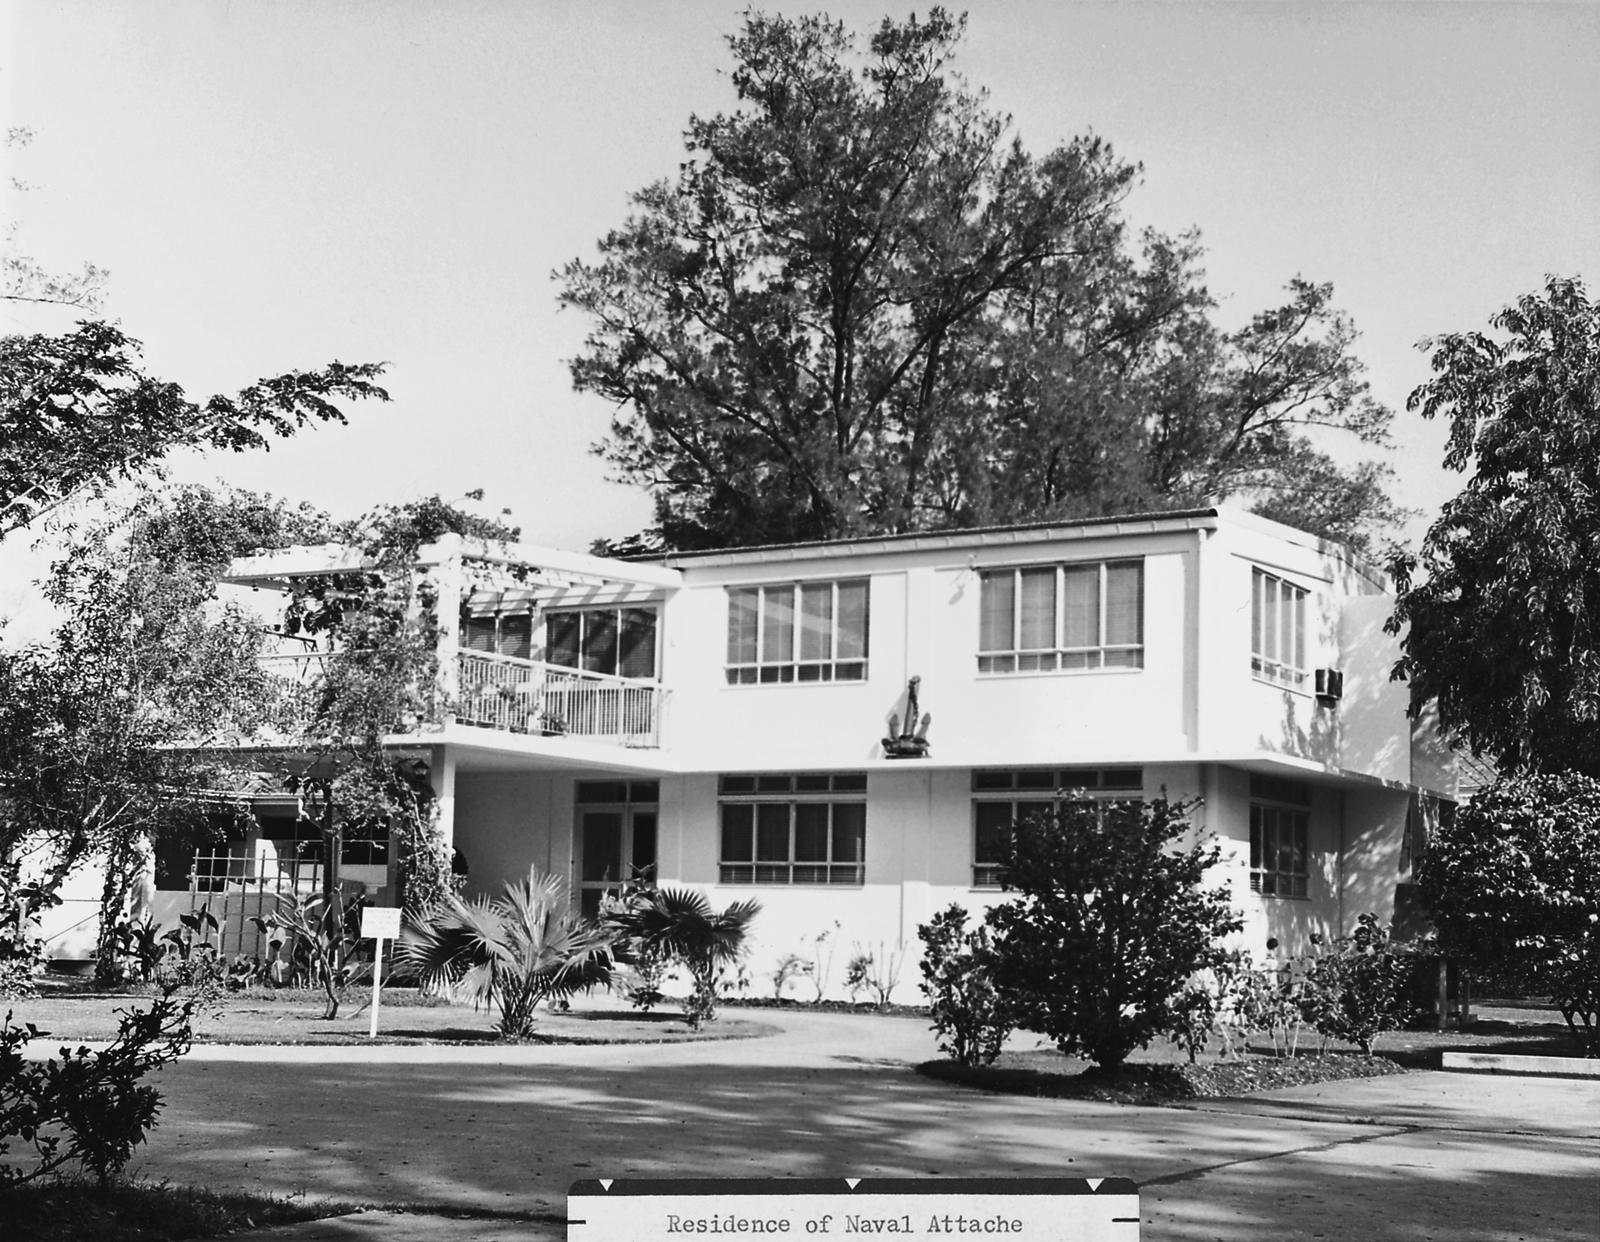 Bangkok - Residence of Naval Attache - 1963